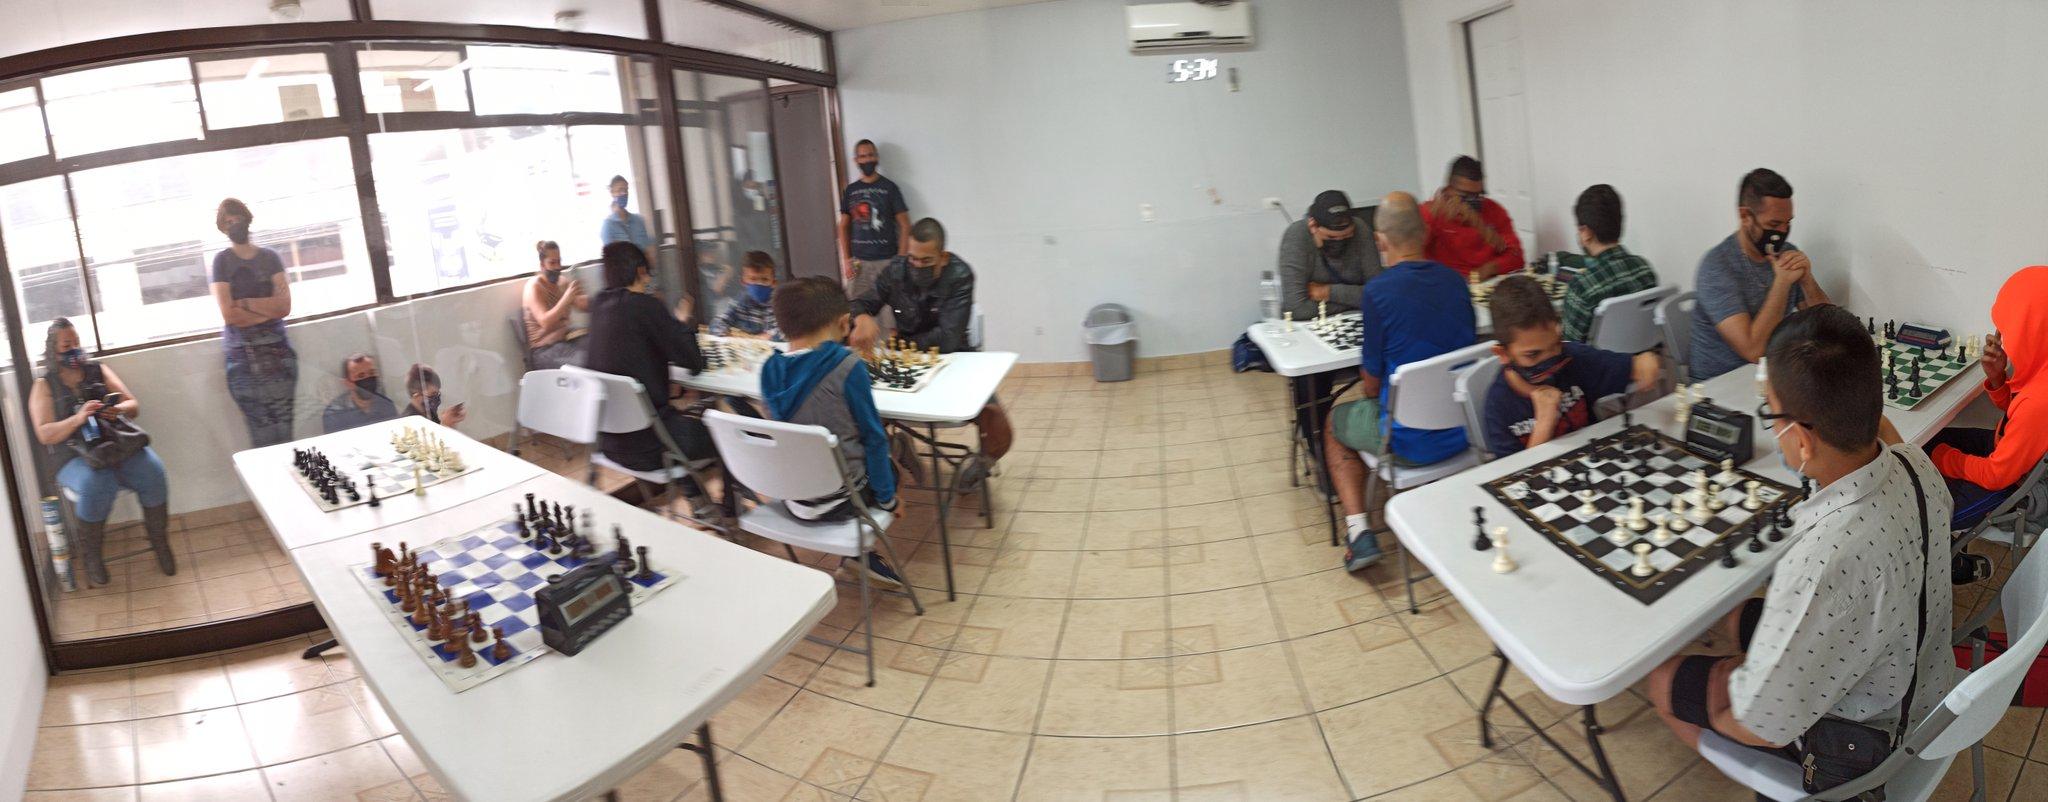 En Belén, el deporte del ajedrez sigue ganando más seguidores.